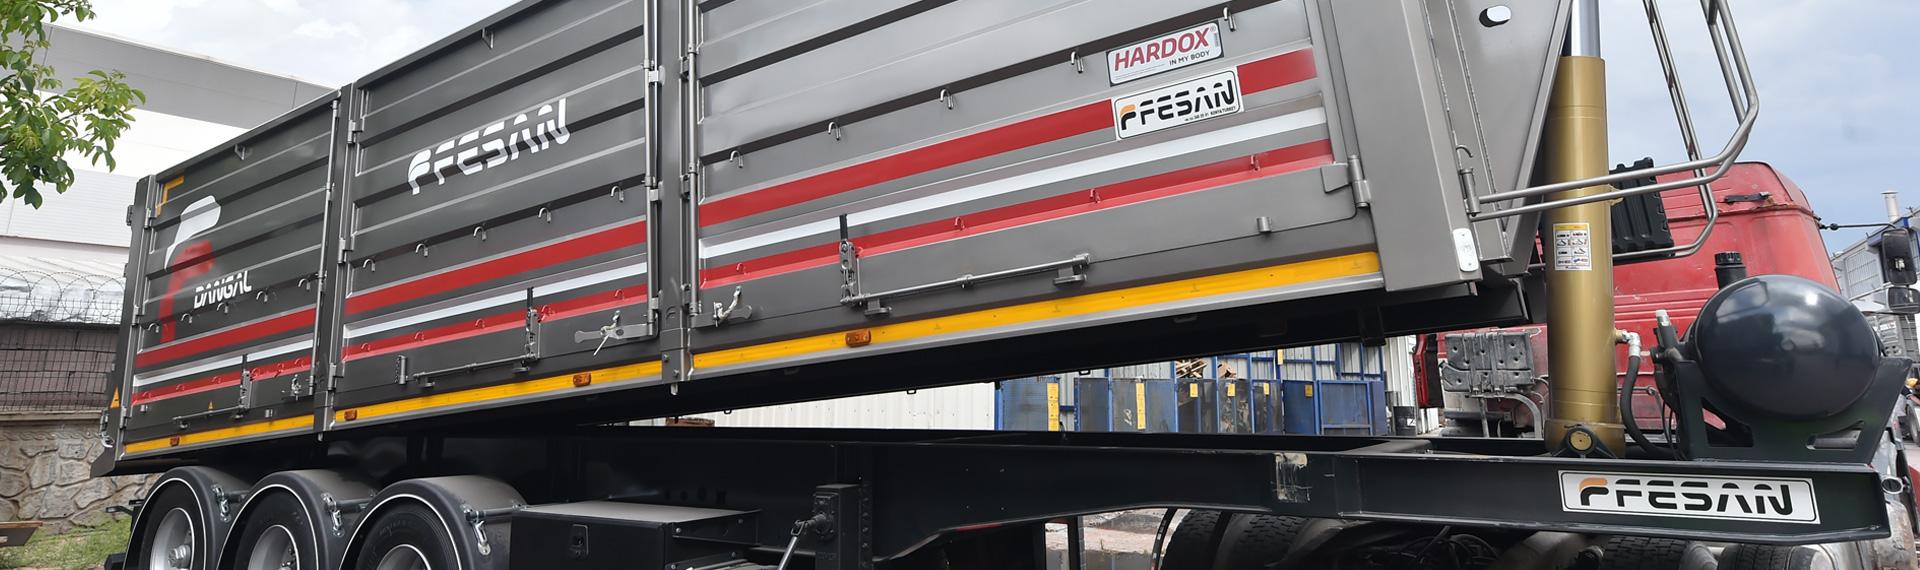 Um descarregador semirreboque reluzente em vermelho e cinza, com os logotipos Fesan e Hardox® in My Body.